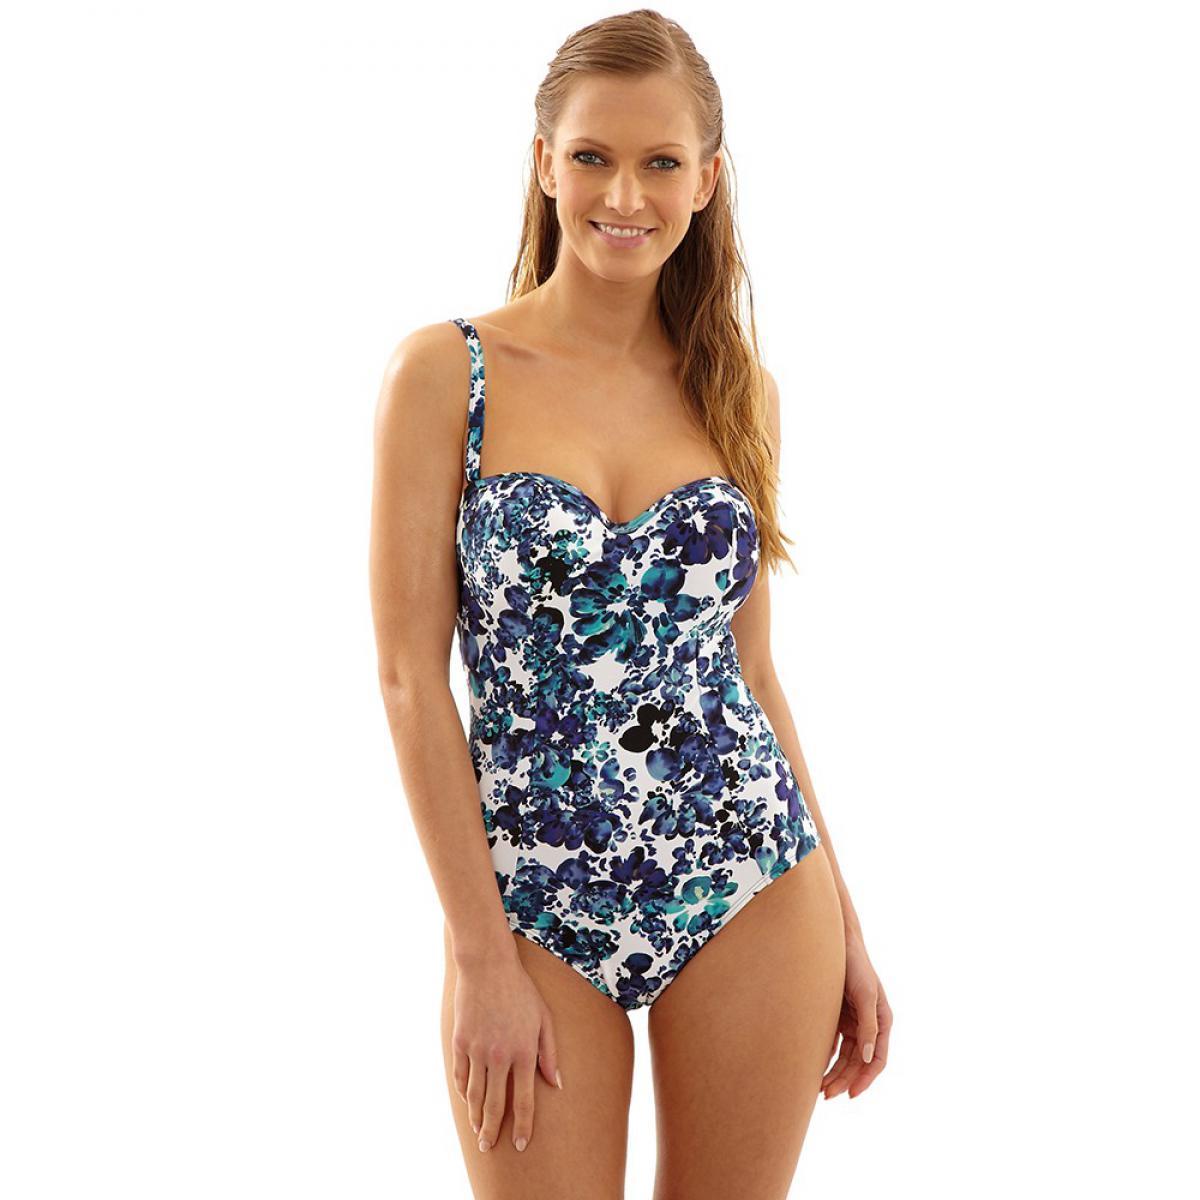 maillot de bain 1 piece bandeau moule florentine floral blue panache bain. Black Bedroom Furniture Sets. Home Design Ideas